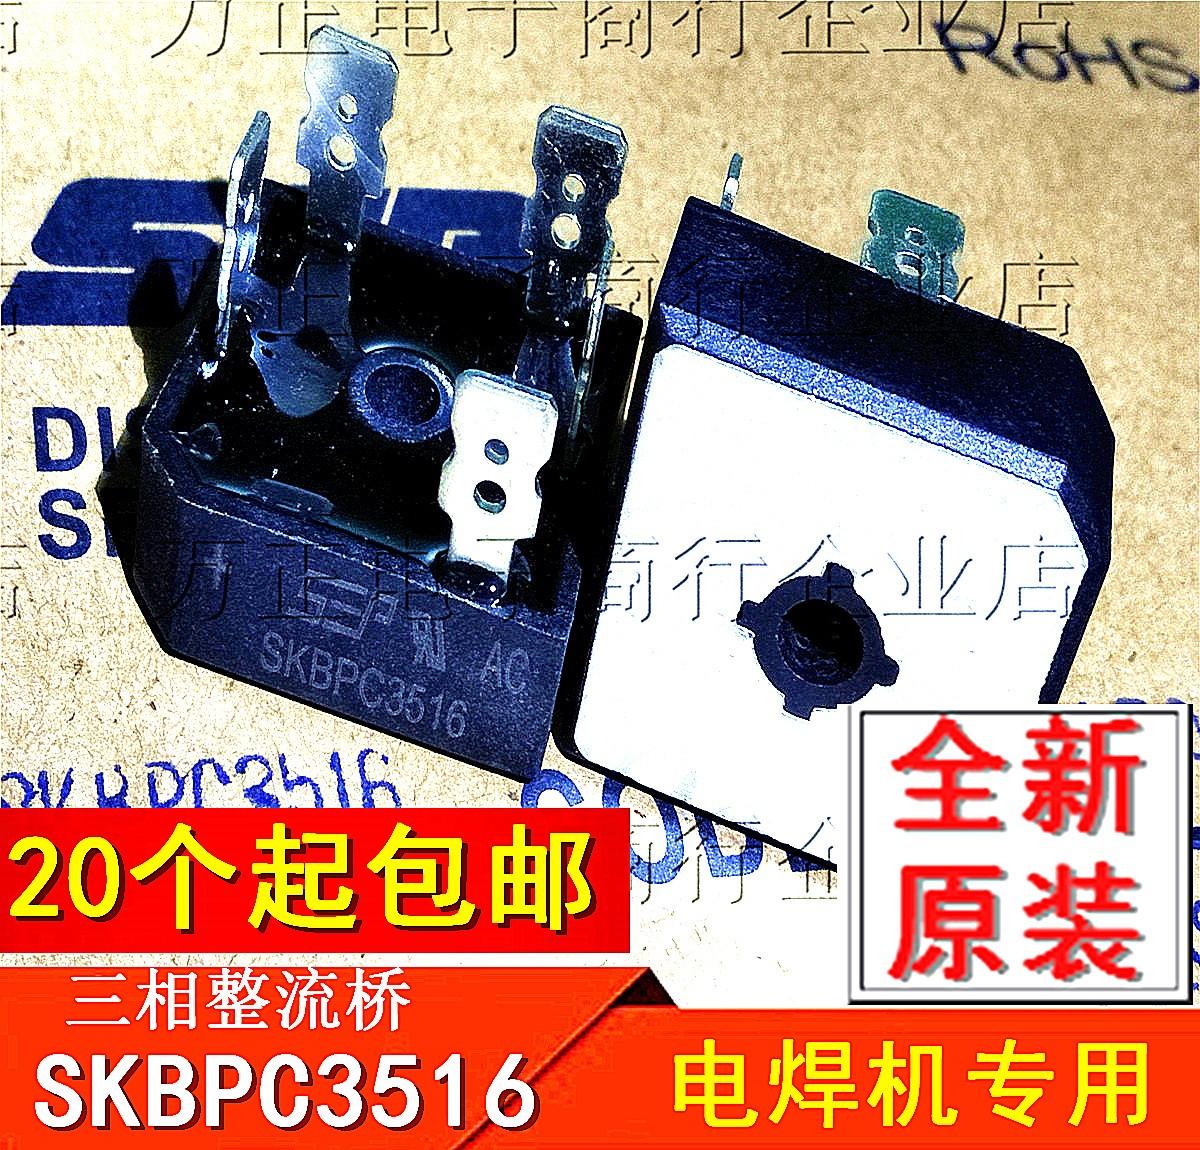 5-контактный выпрямительный мост SKBPC3516 трехфазный выпрямительный мост сварочный аппарат для 35A1600V в новой упаковке